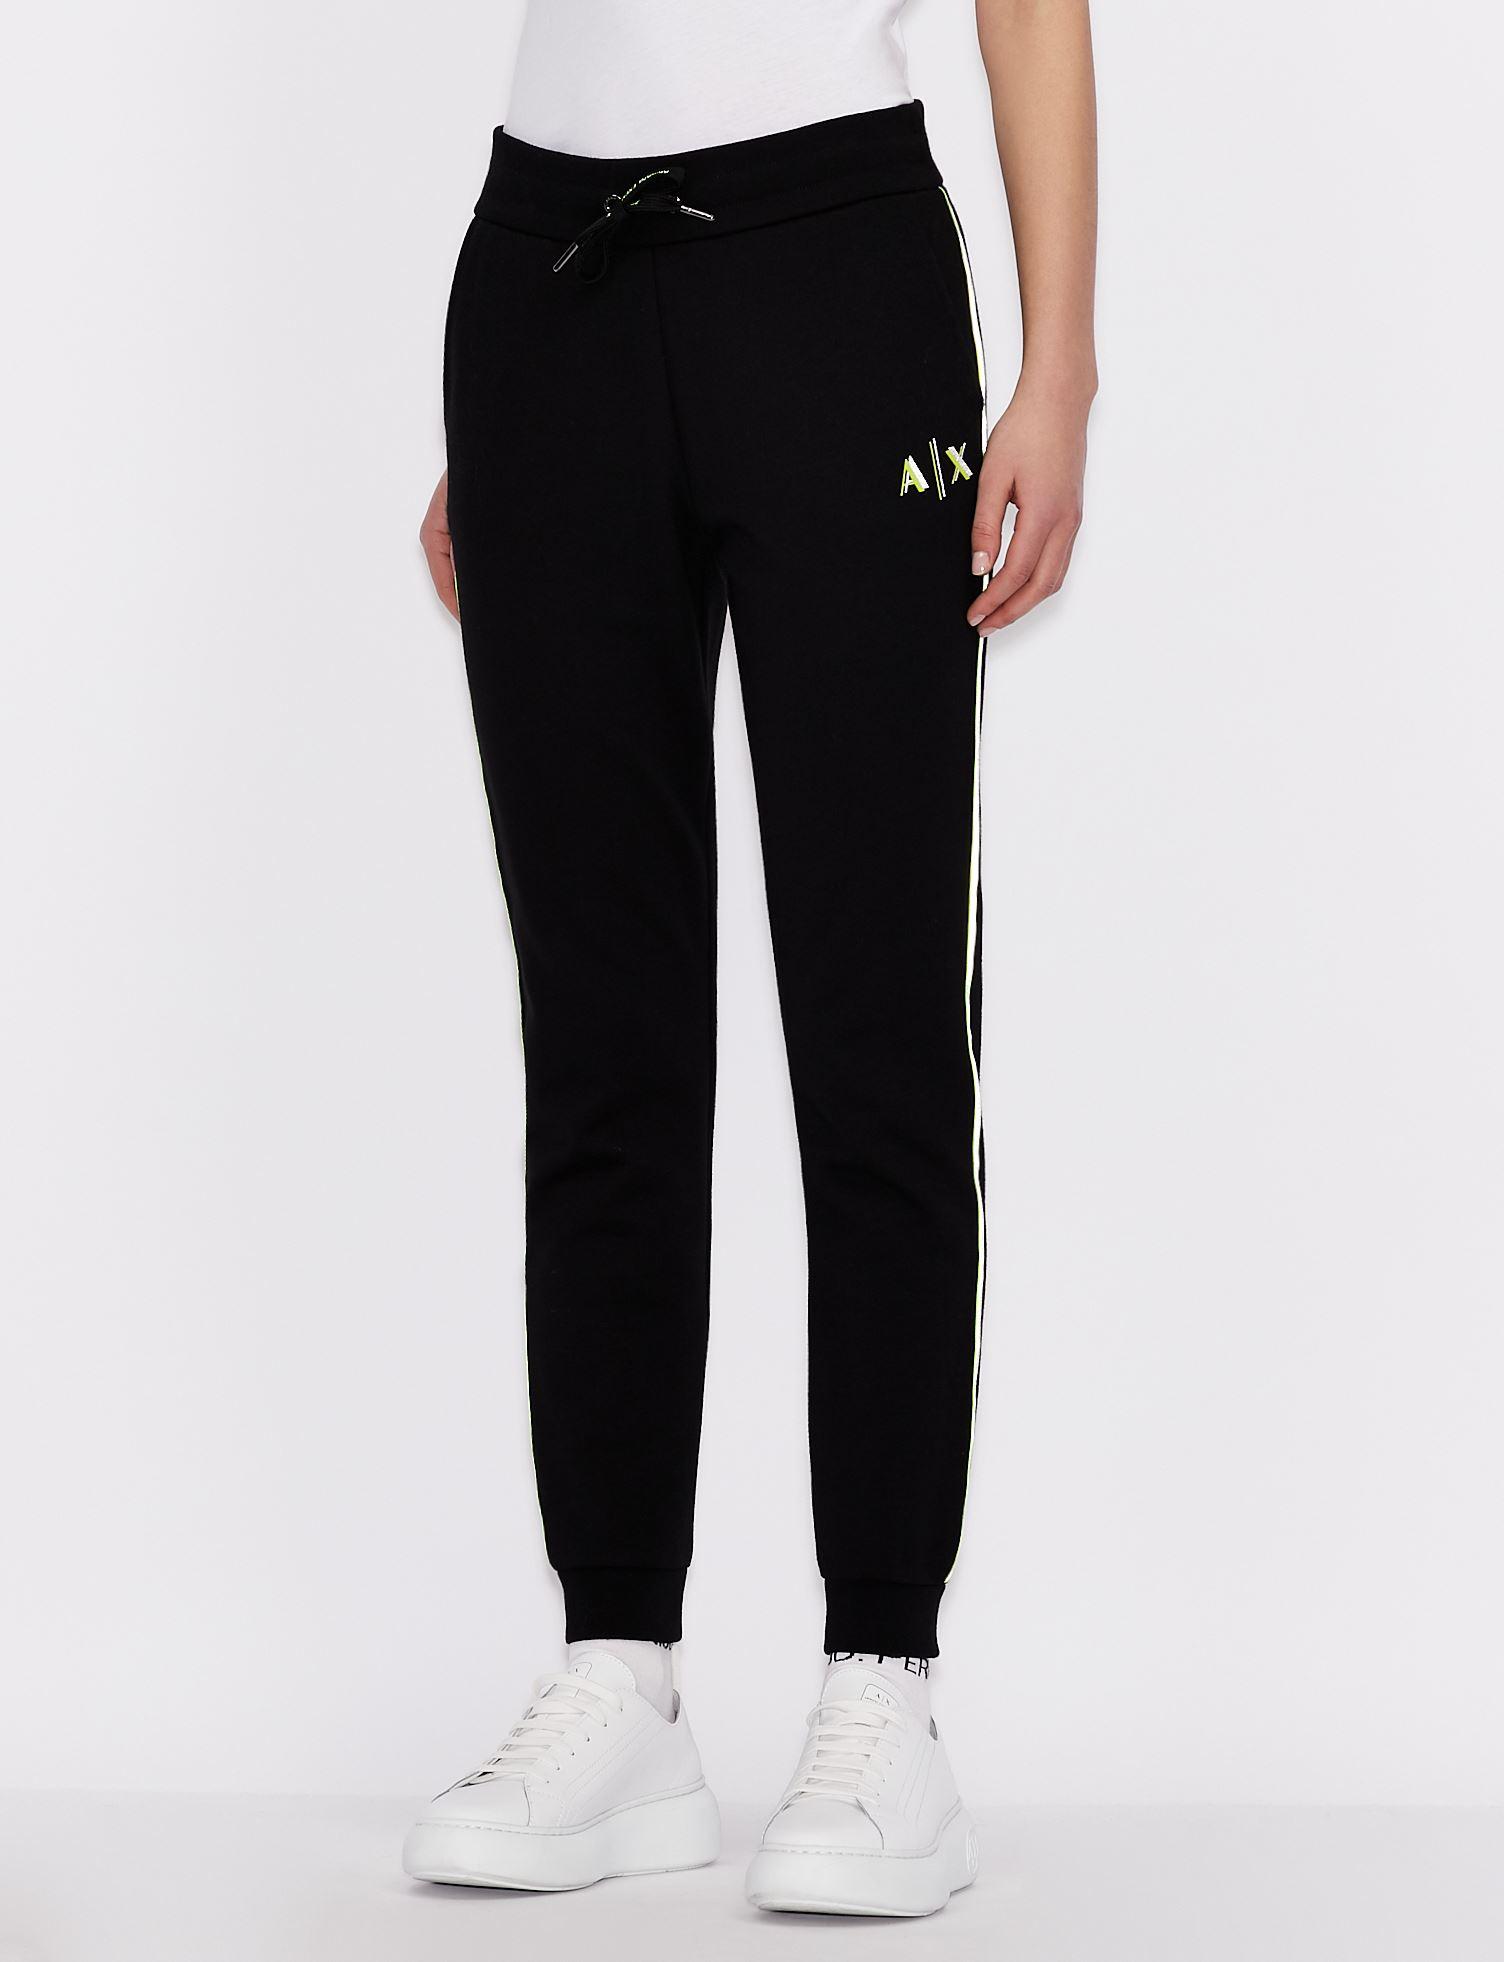 Pantaloni sportivi in felpa Armani Exchange ARMANI EXCHANGE   Pantalone   3KYP85-YJ3NZ1200